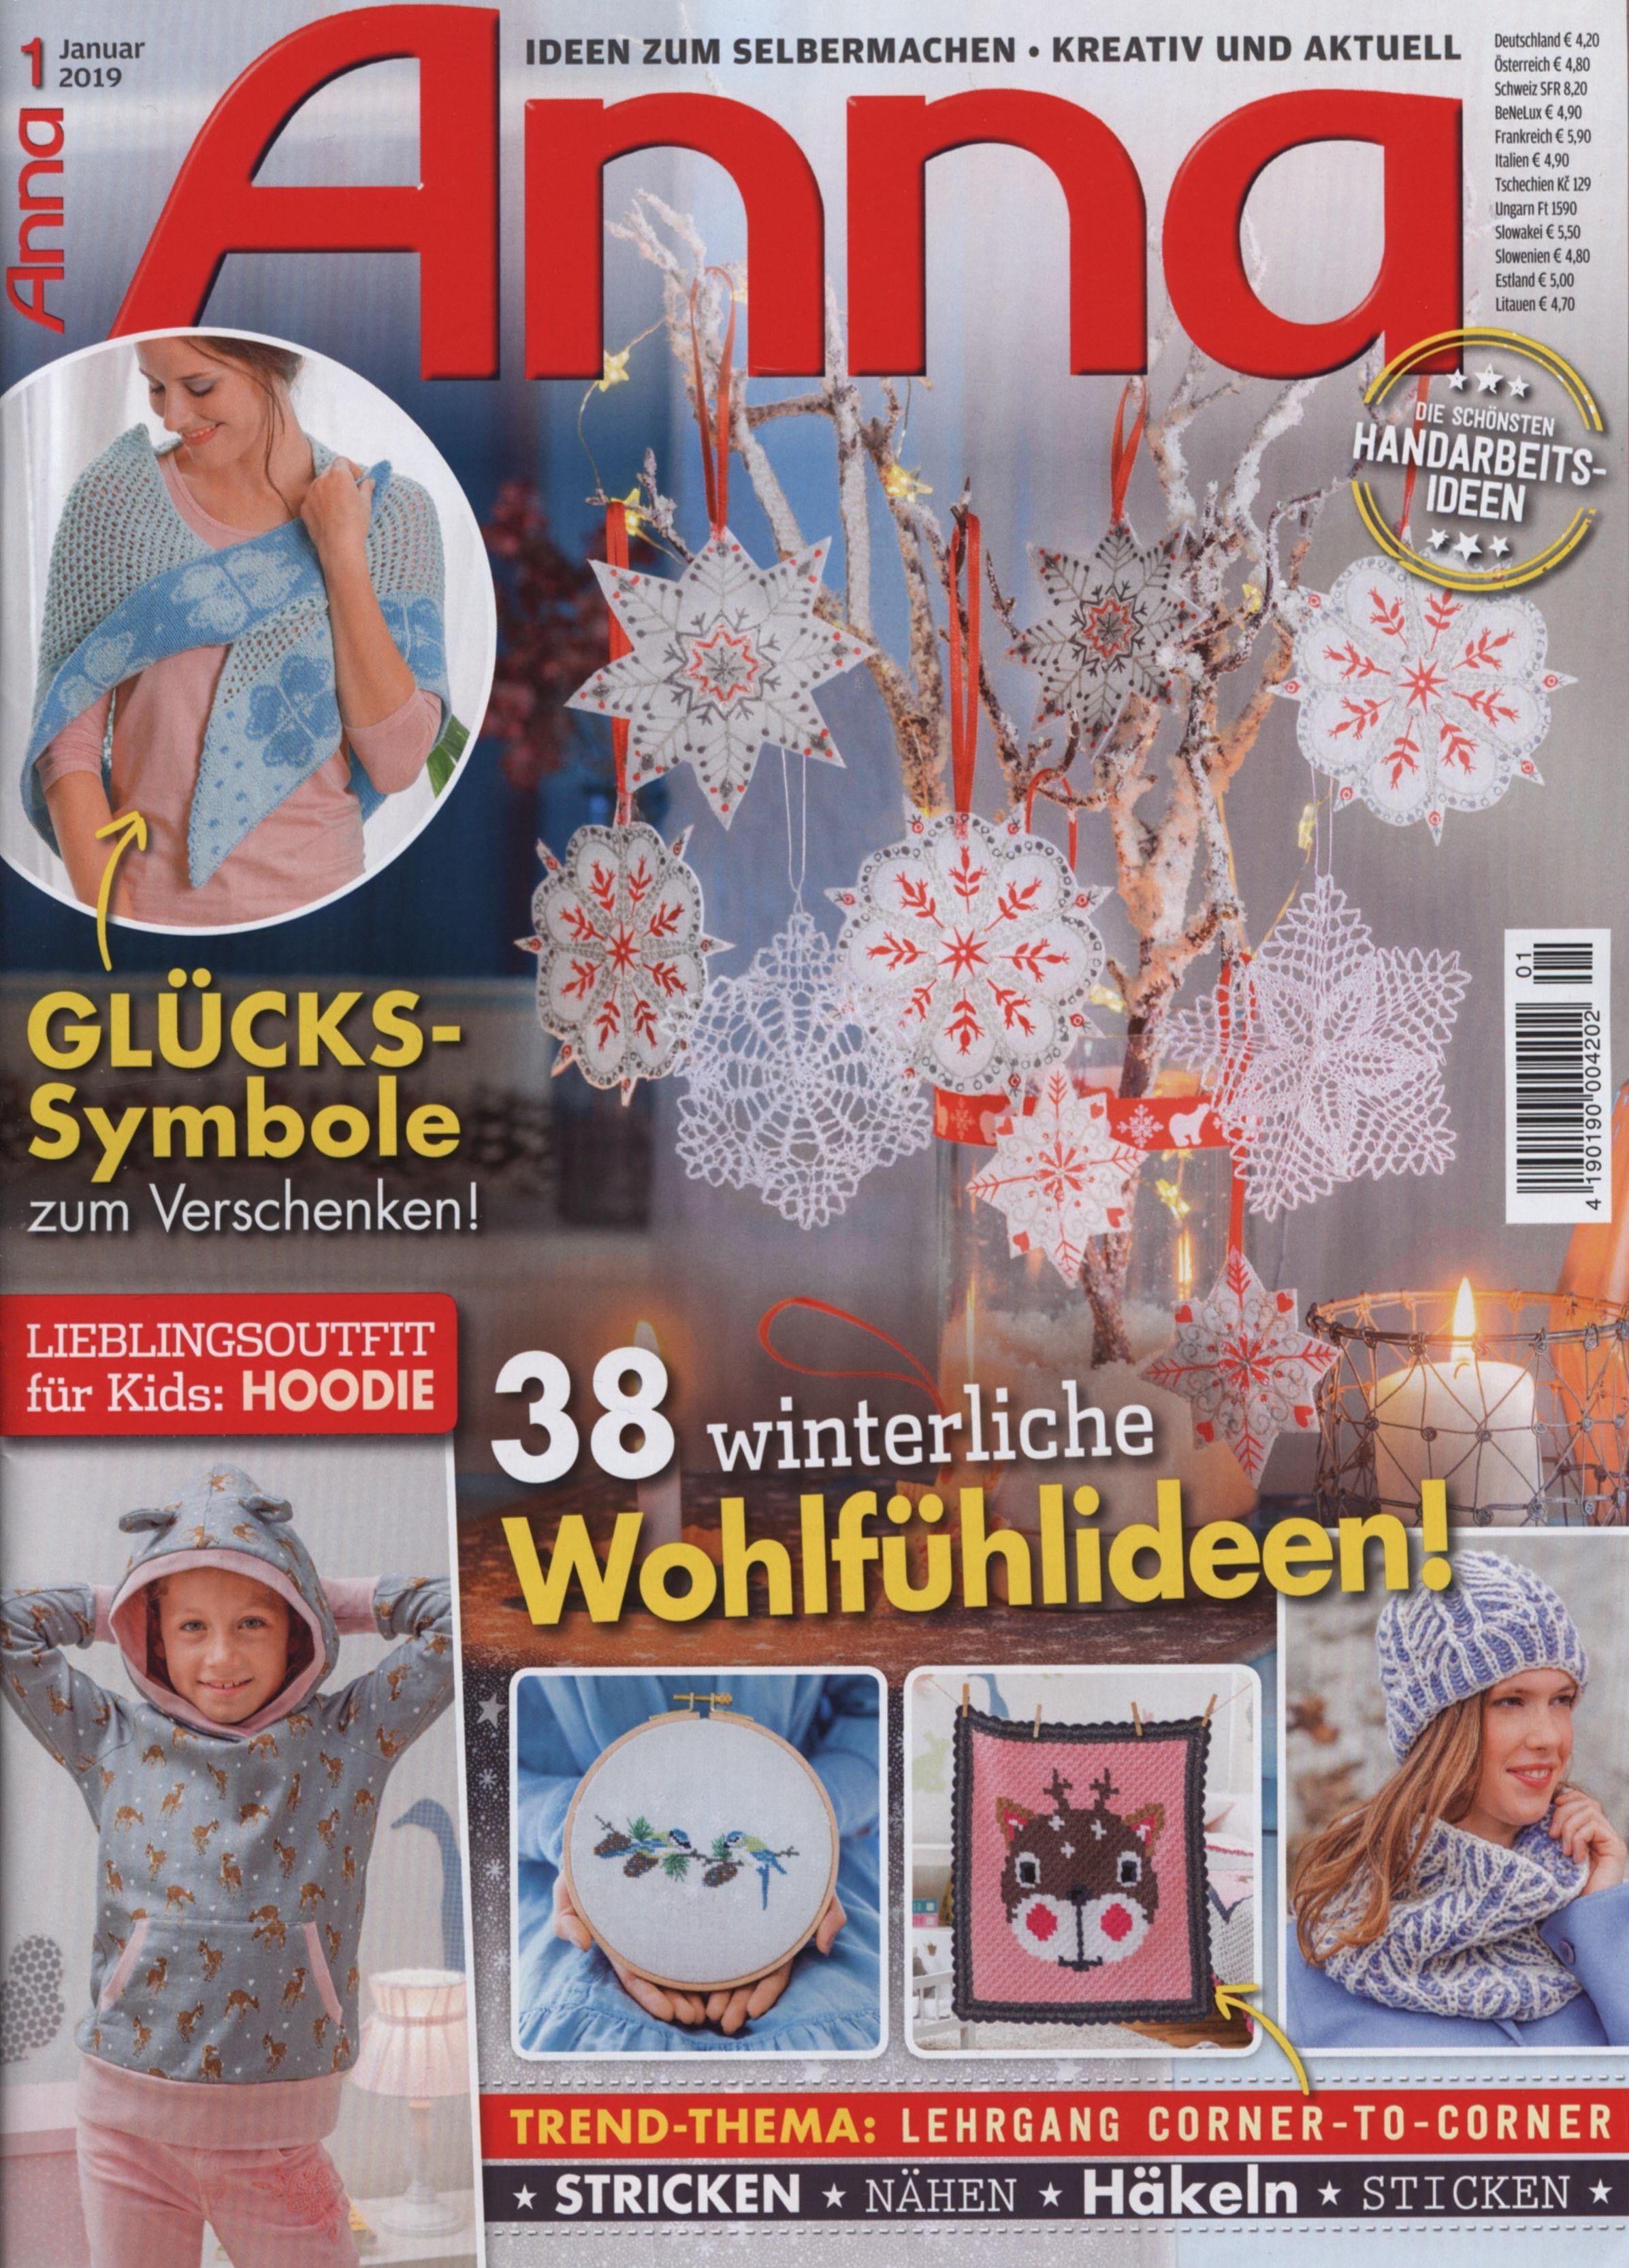 журнал Anna Januar 2019 вязание 6 вязание вязание крючком